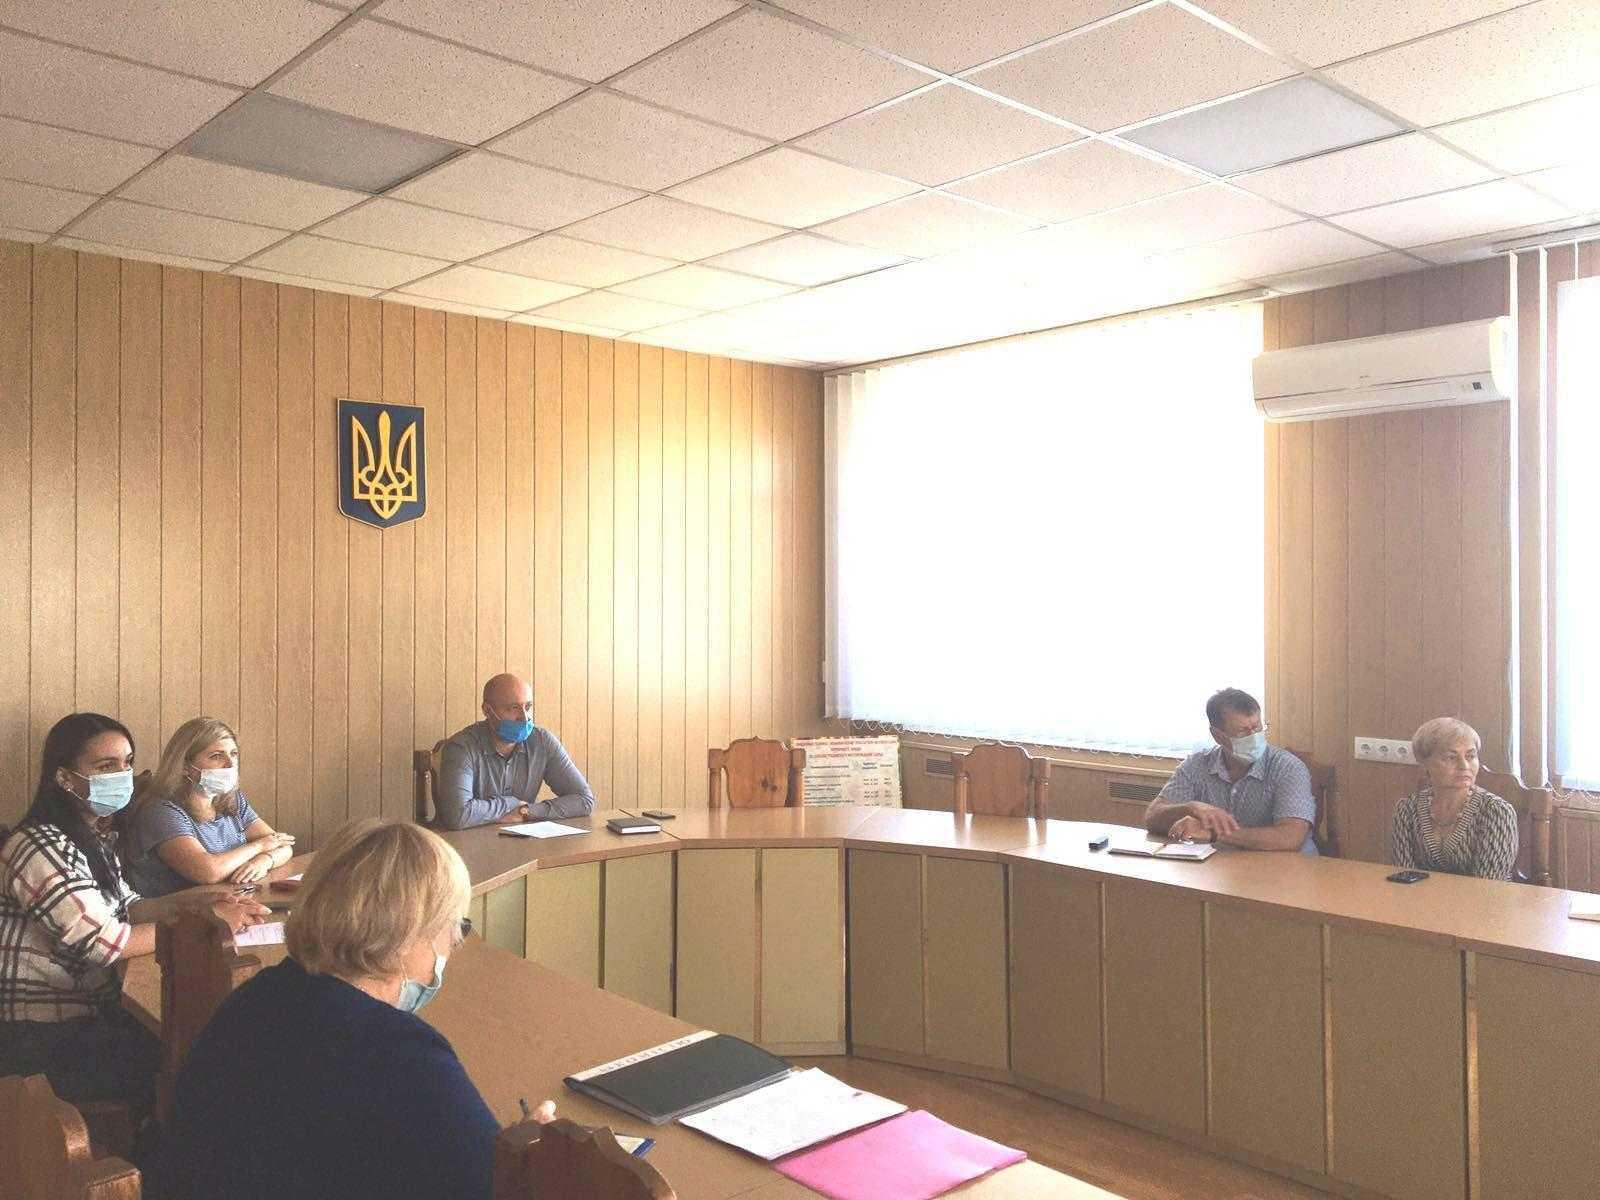 yzobrazhenye viber 2020 09 09 10 45 56 - Засідання комісії з питань захисту прав дитини Покровської райдержадміністрації